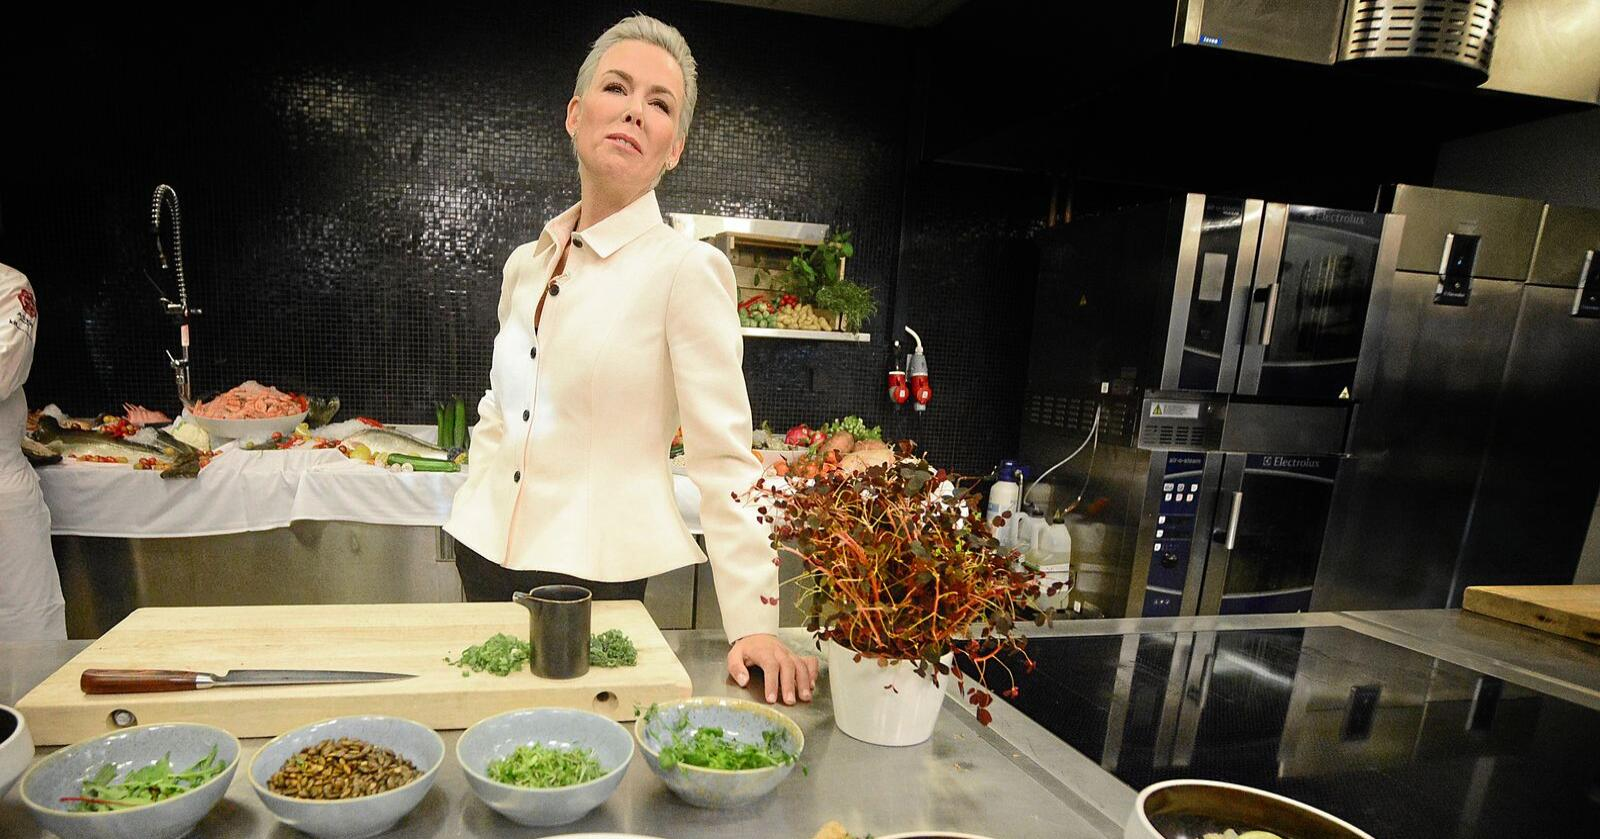 Makt: Gunhild Stordalen skal leie viktig arbeid i FN om berekraftig mat. Men gølymer heilt av maktperspektivet i den globale matdebatten. Foto: Siri Juell Rasmussen